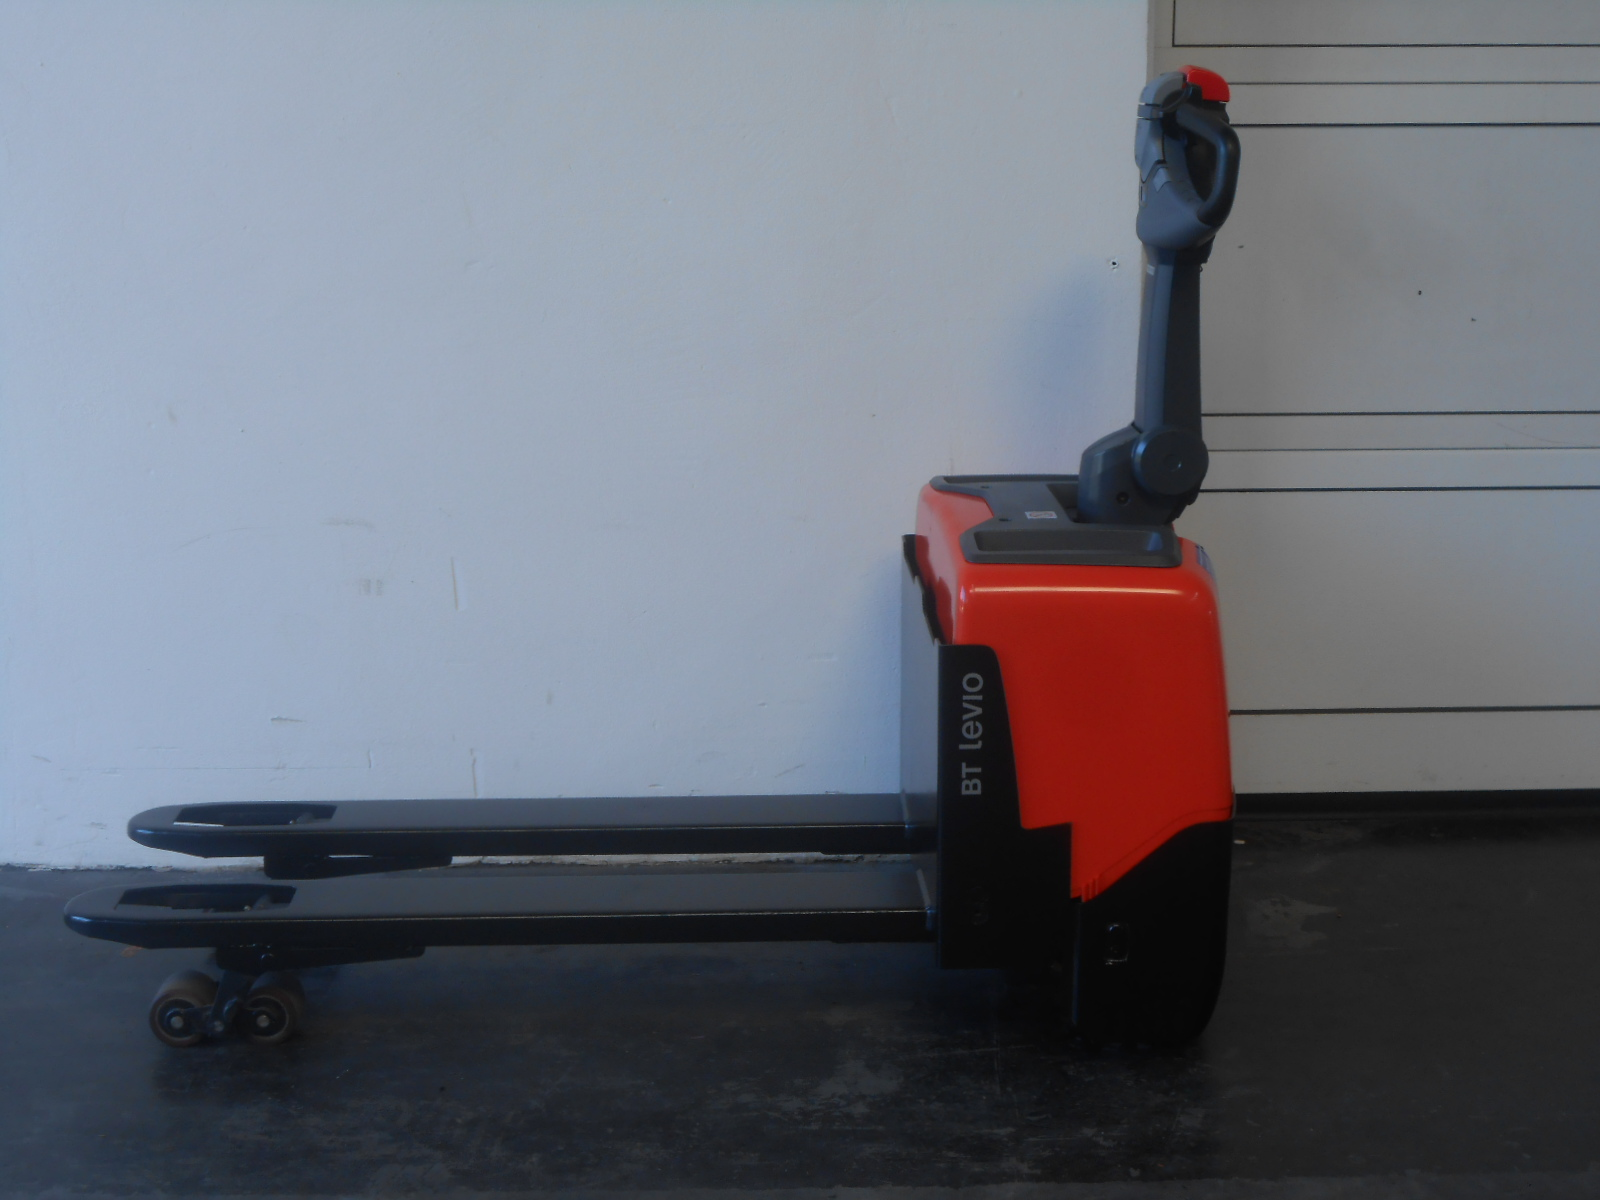 Toyota-Gabelstapler-59840 1804039867 1 92